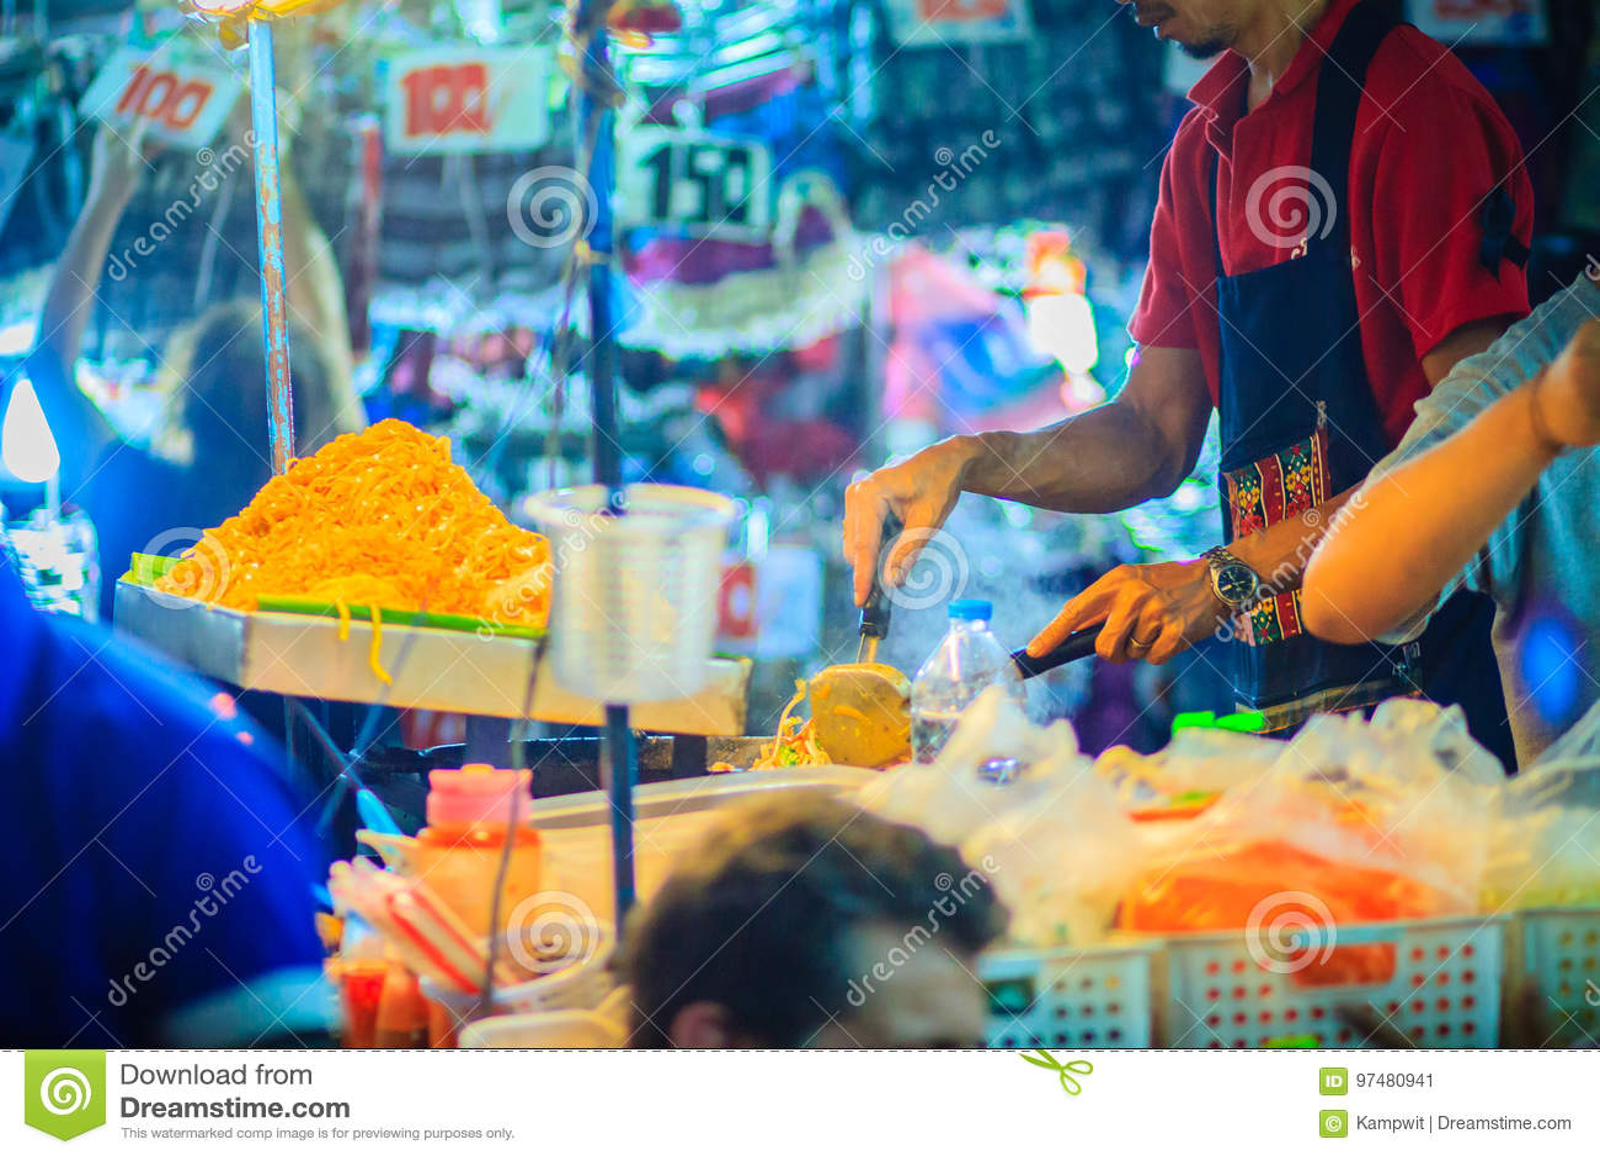 Chiuda sulla mano del venditore durante la cottura per Padthai, l originale